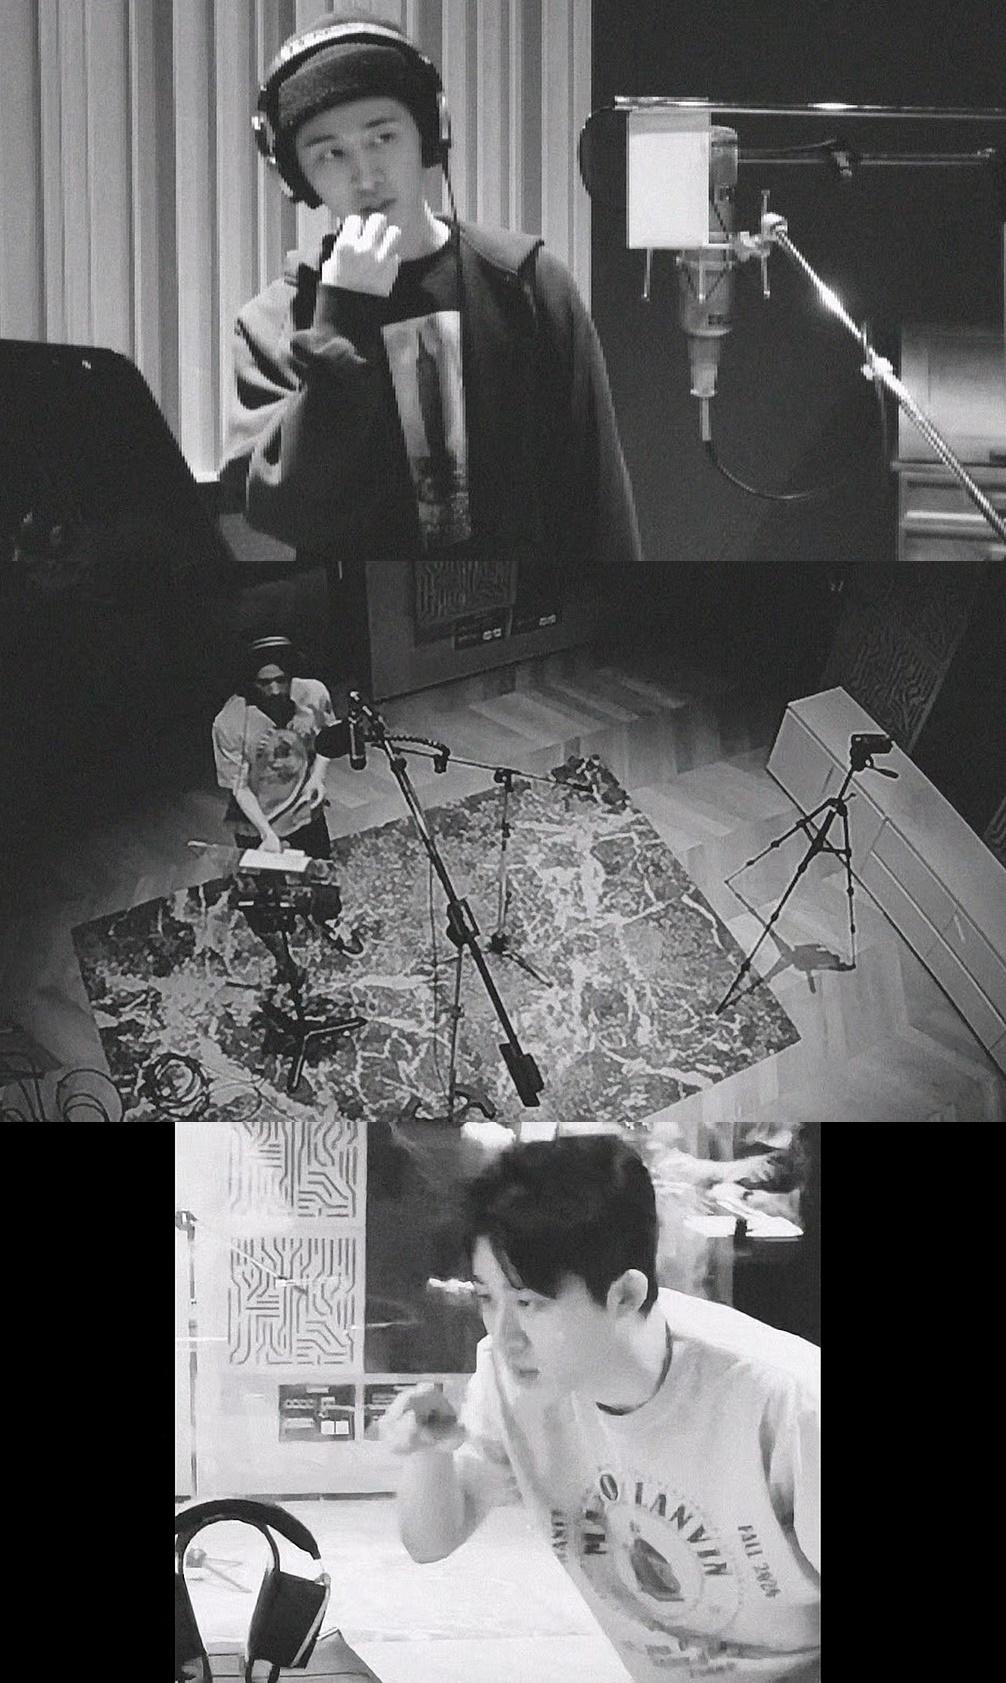 1일(화), 비아이(B.I) 정규 앨범 1집 'WATERFALL (타이틀 곡: 해변)' 발매 | 인스티즈